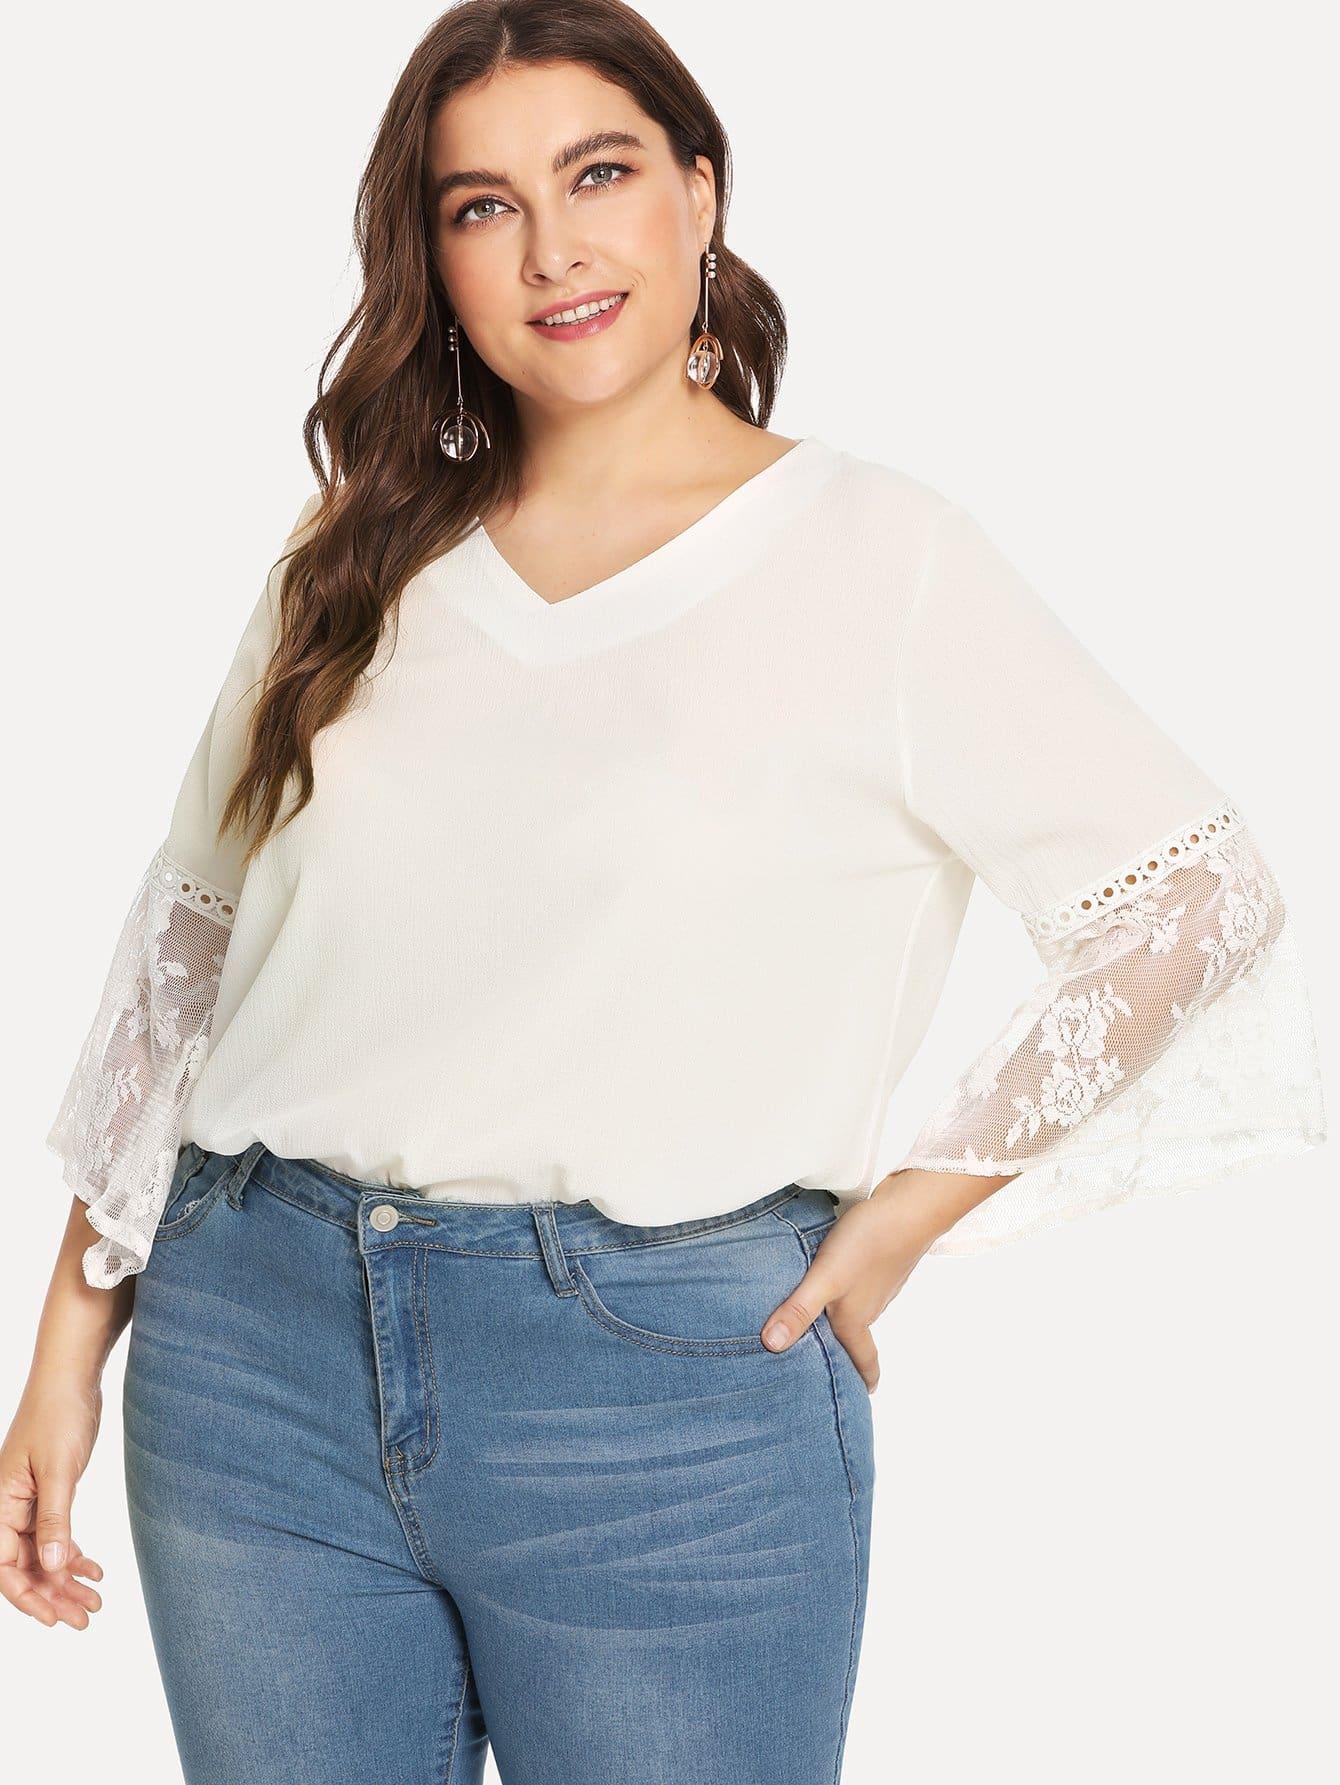 Купить Кружевная рубашка с V-образном вырезом, Franziska, SheIn